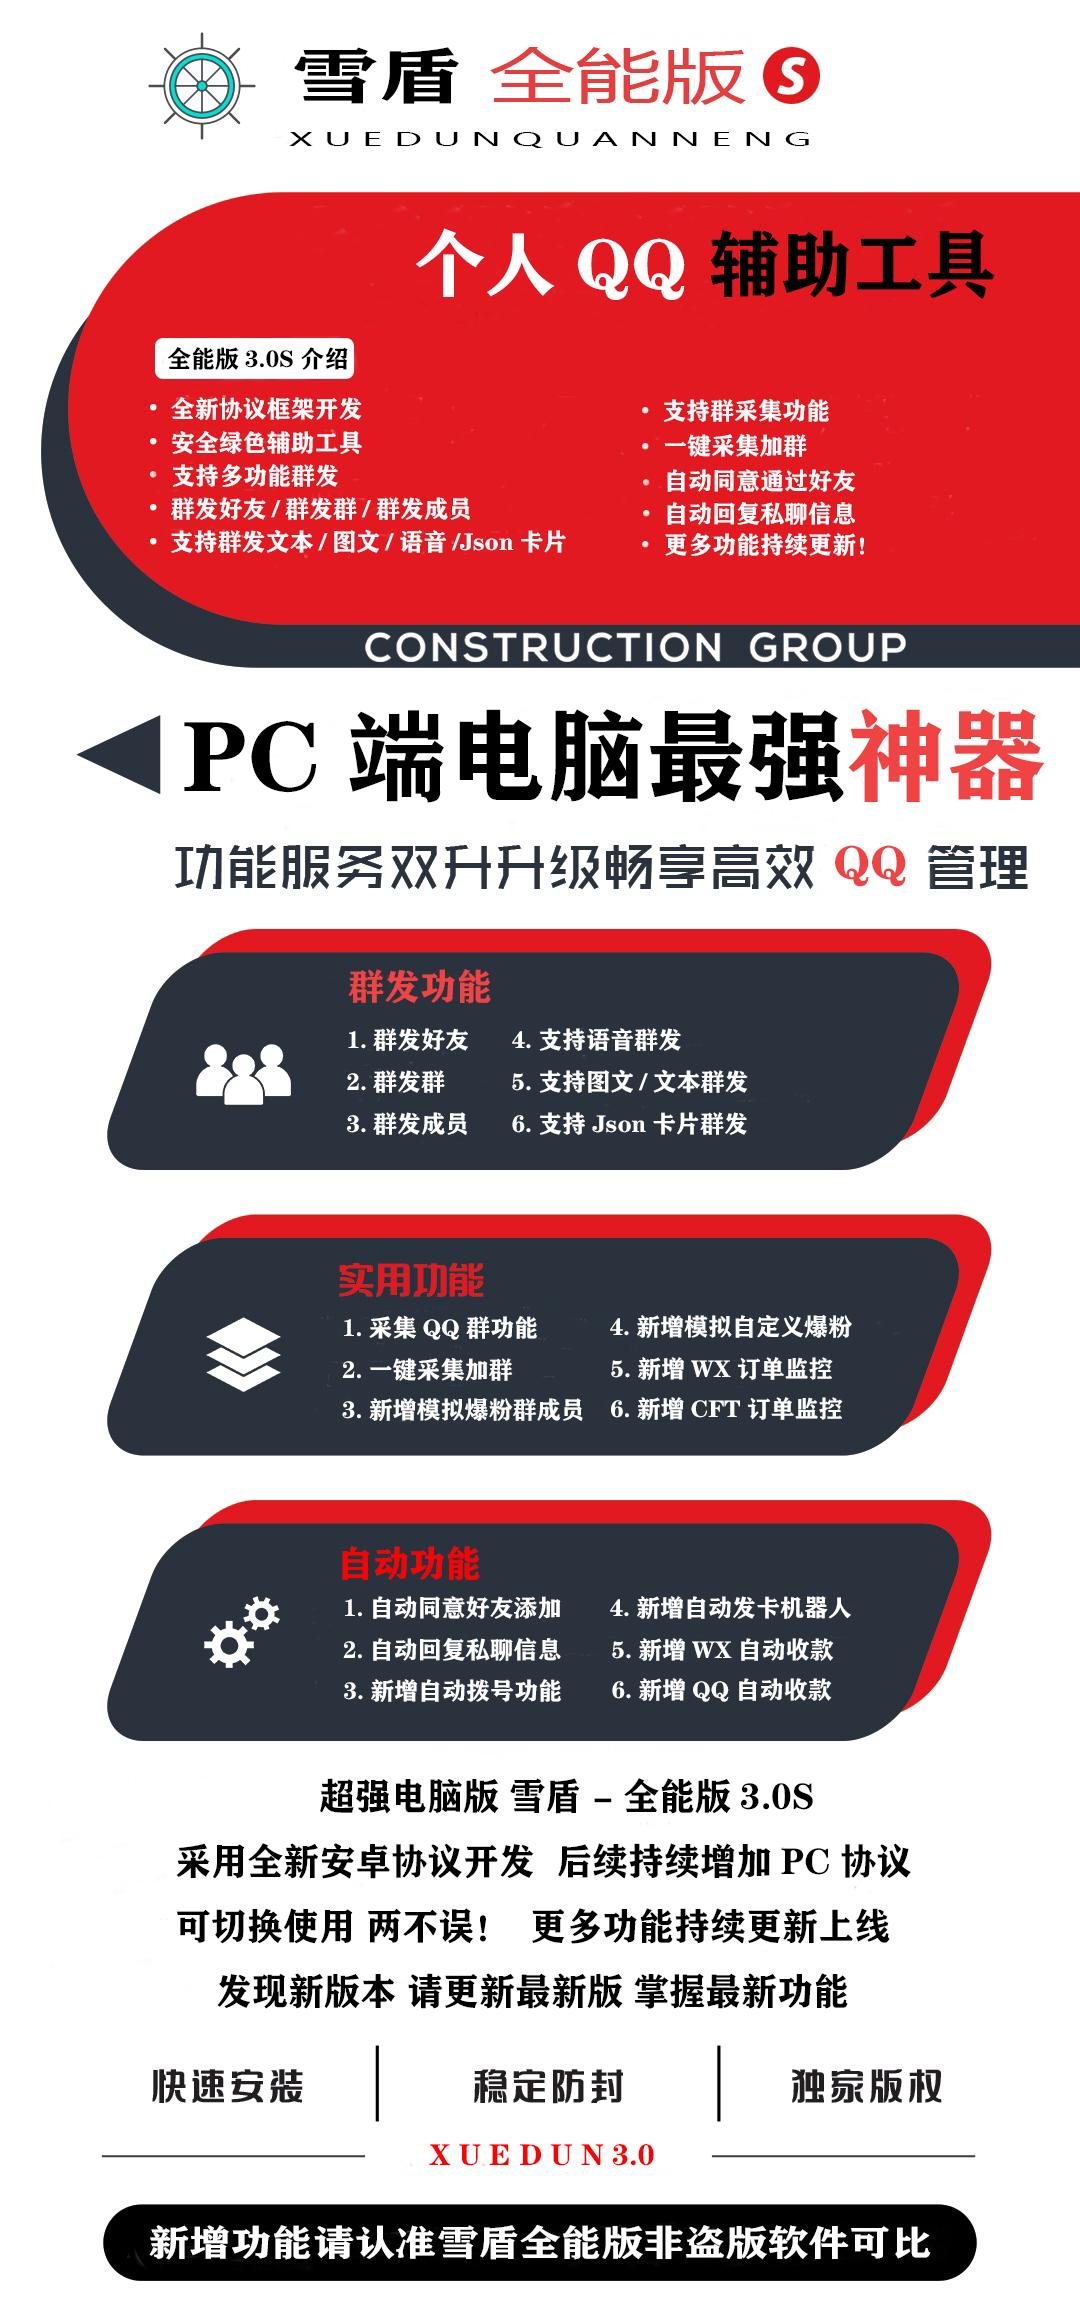 雪盾QQ-全能版3.0S (周卡)